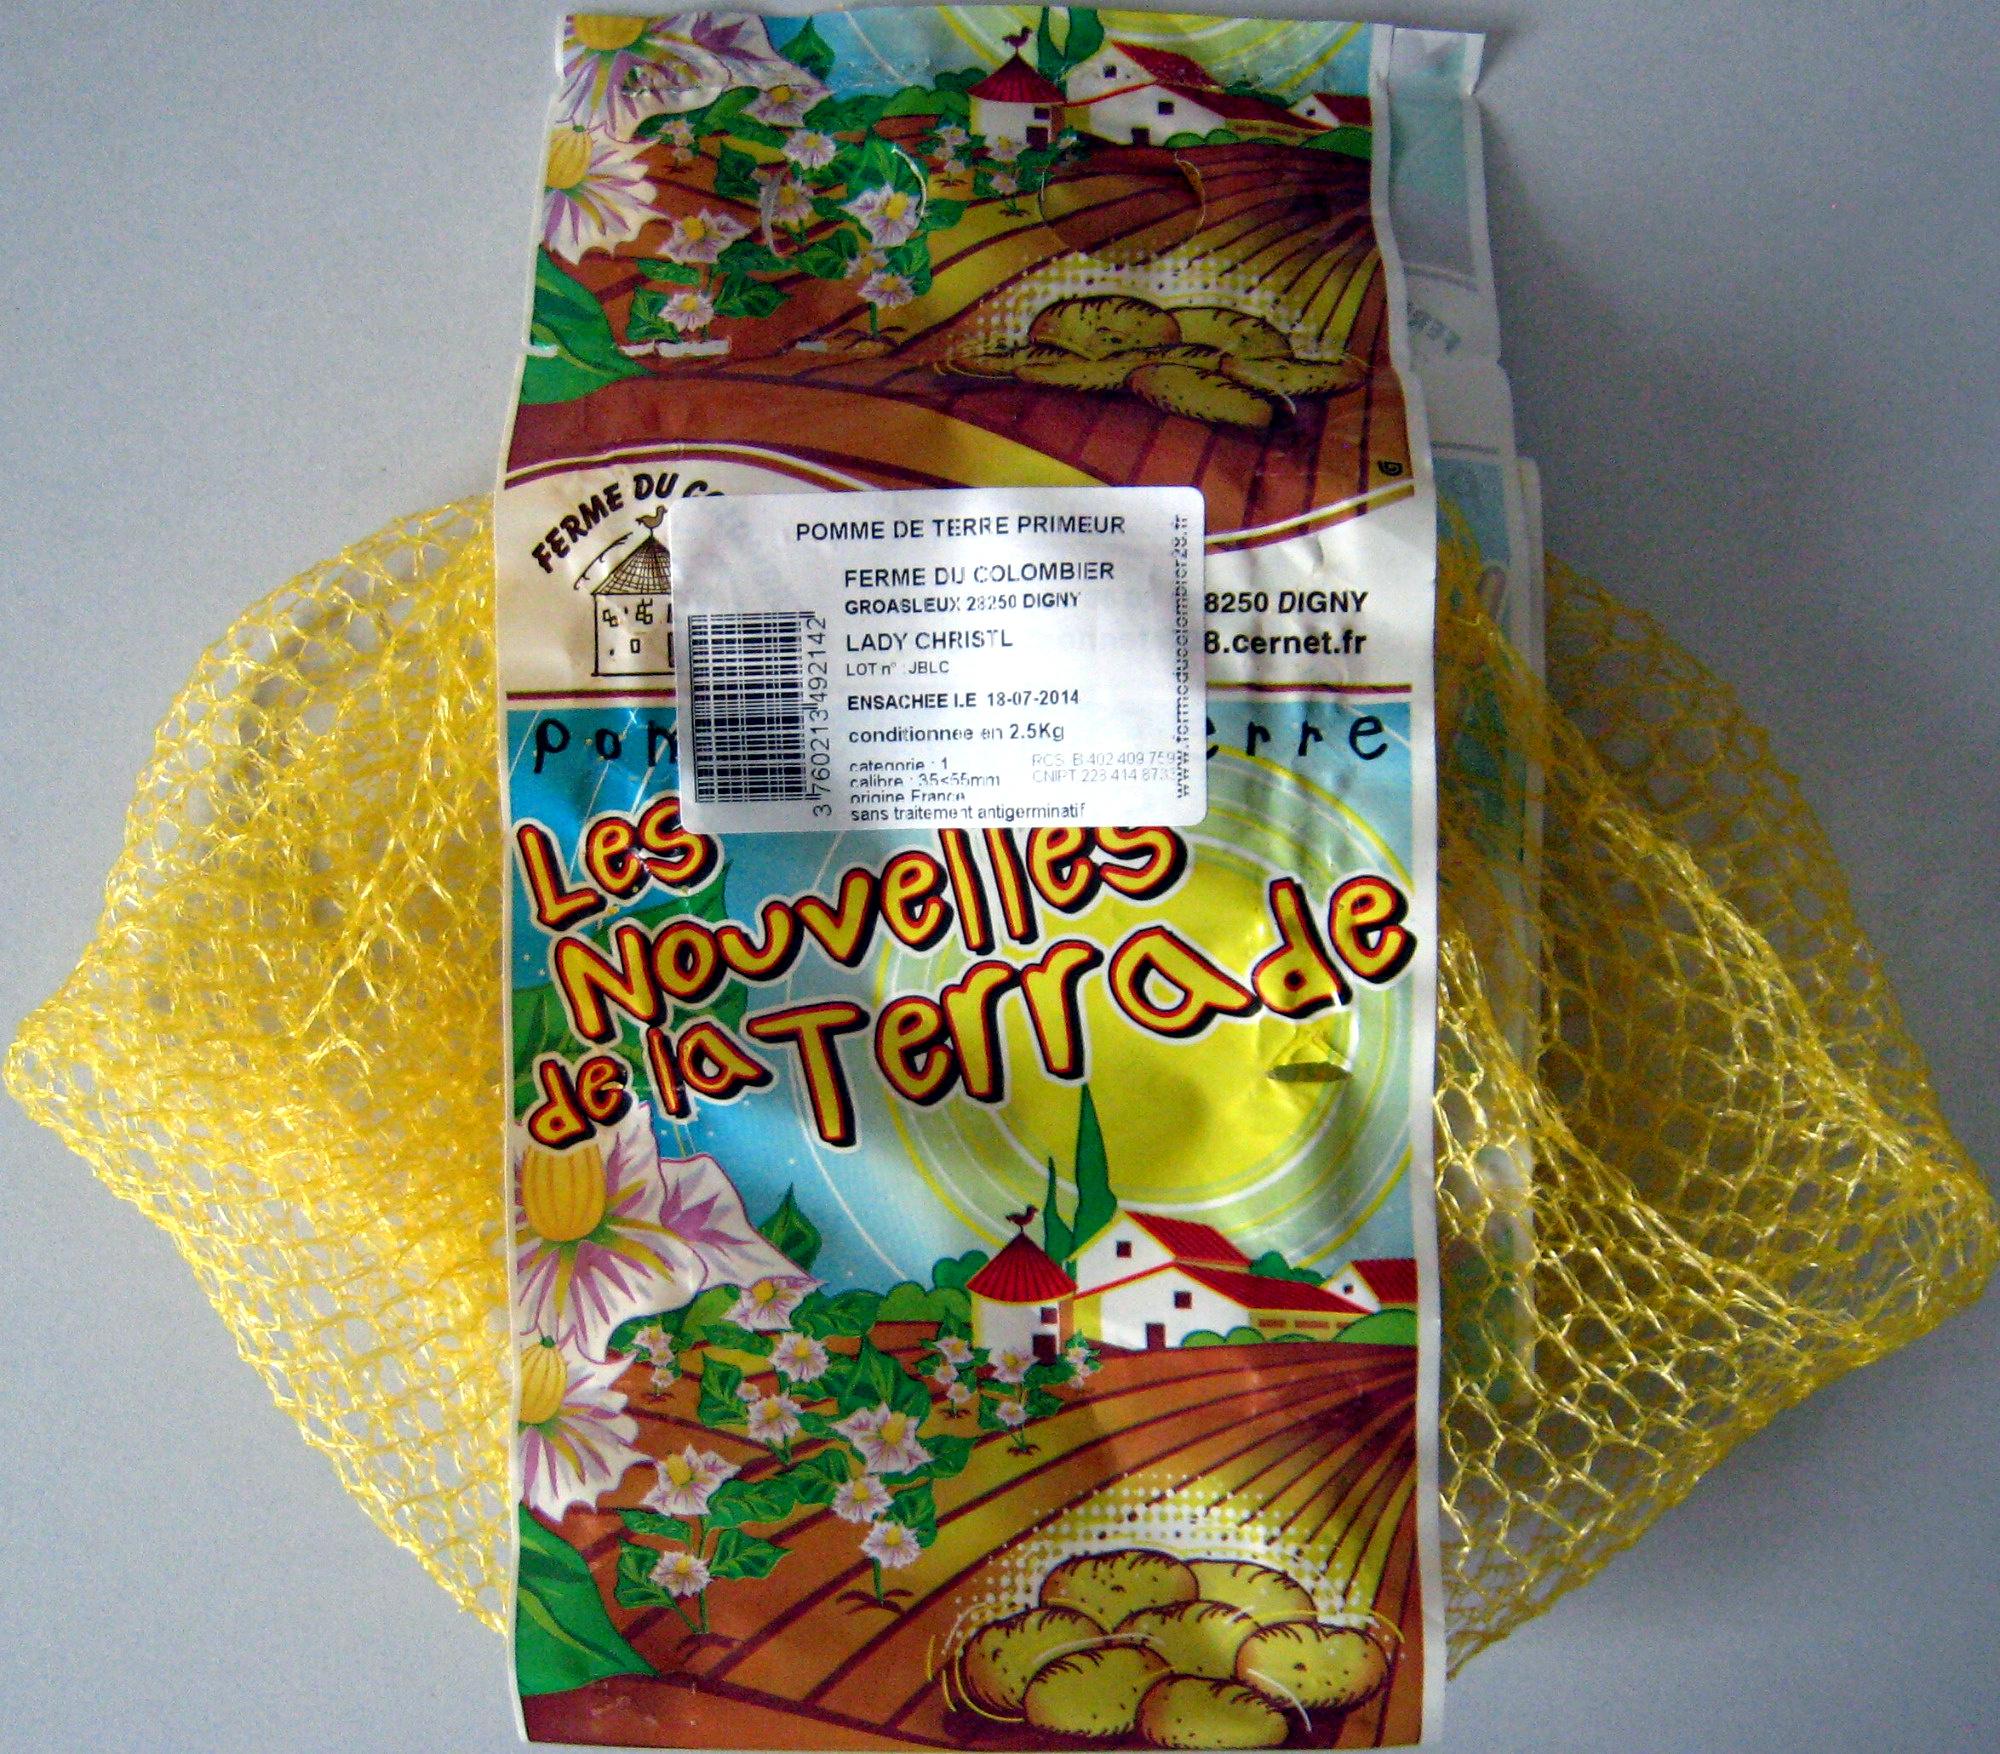 Pommes de terre primeur Lady Christl Ferme du Colombier - Product - fr